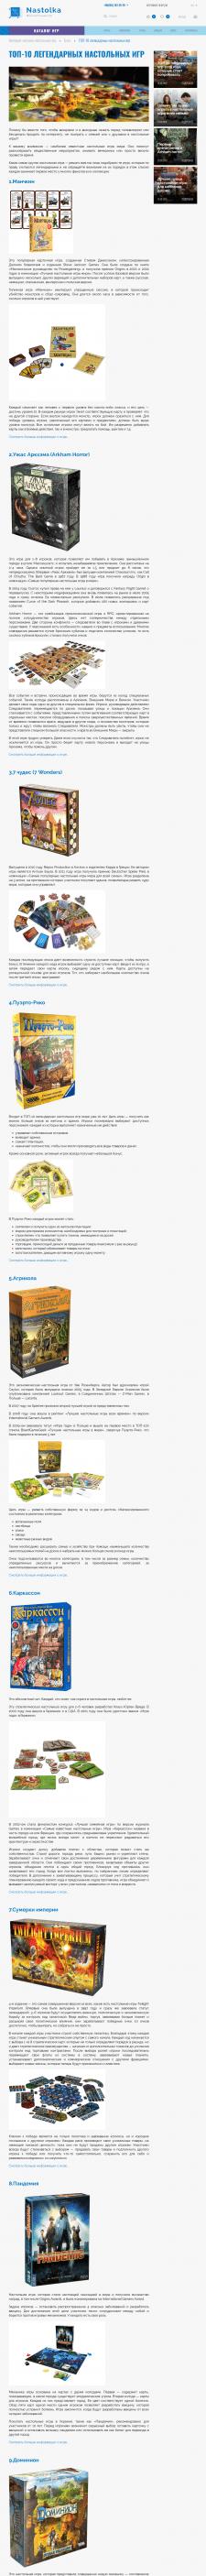 ТОП-10 ЛЕГЕНДАРНЫХ НАСТОЛЬНЫХ ИГР